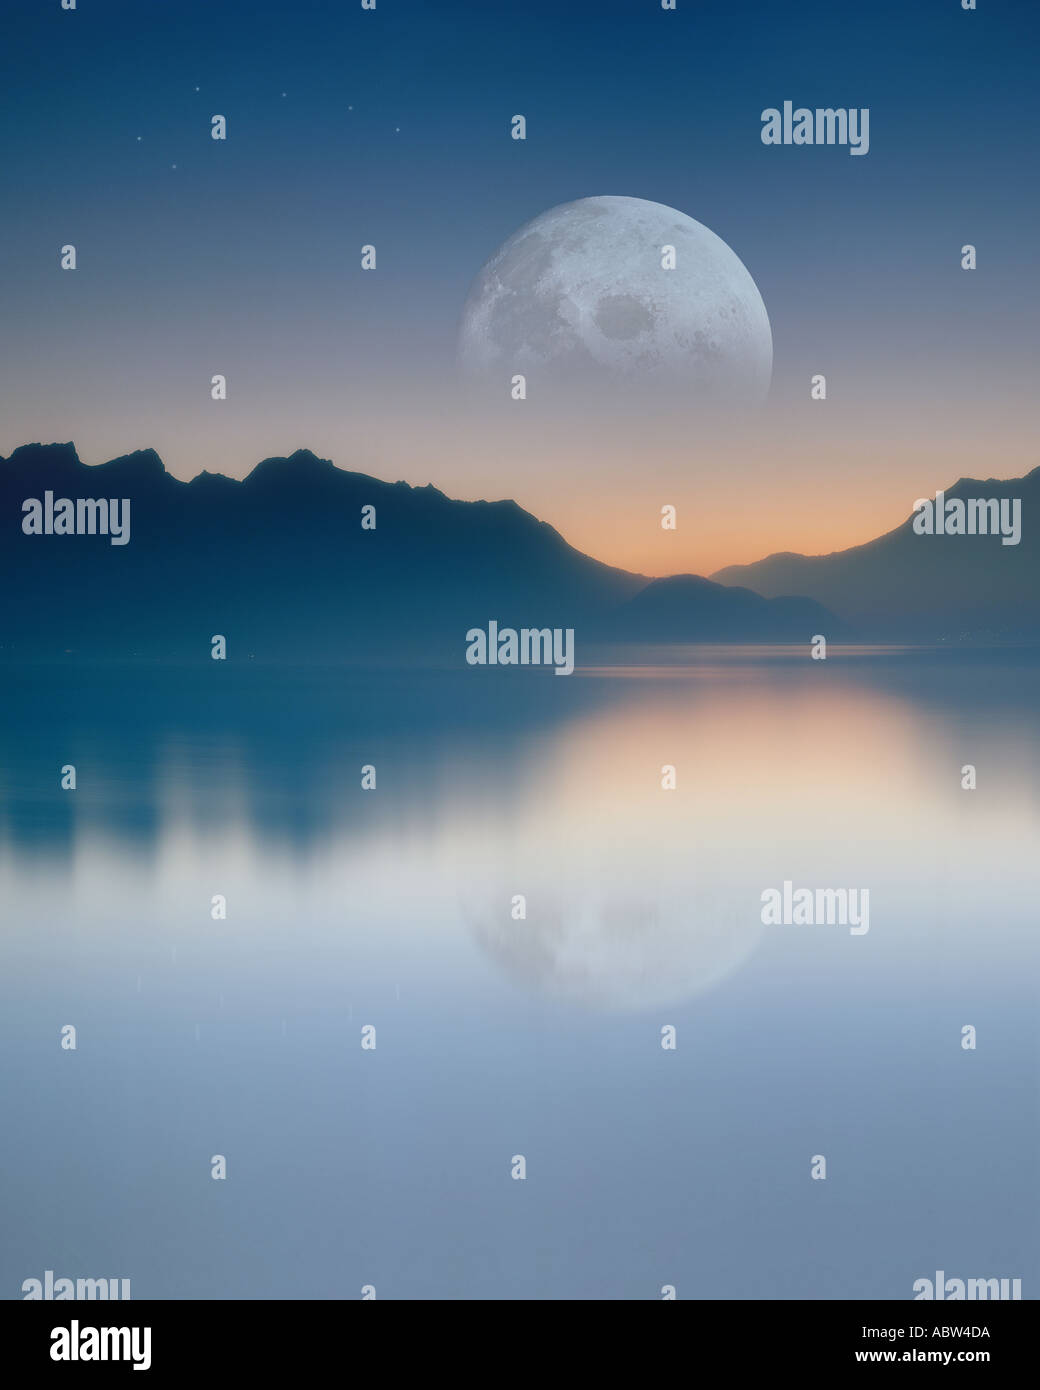 CH - VAUD: Lune sur le lac de Genève Banque D'Images